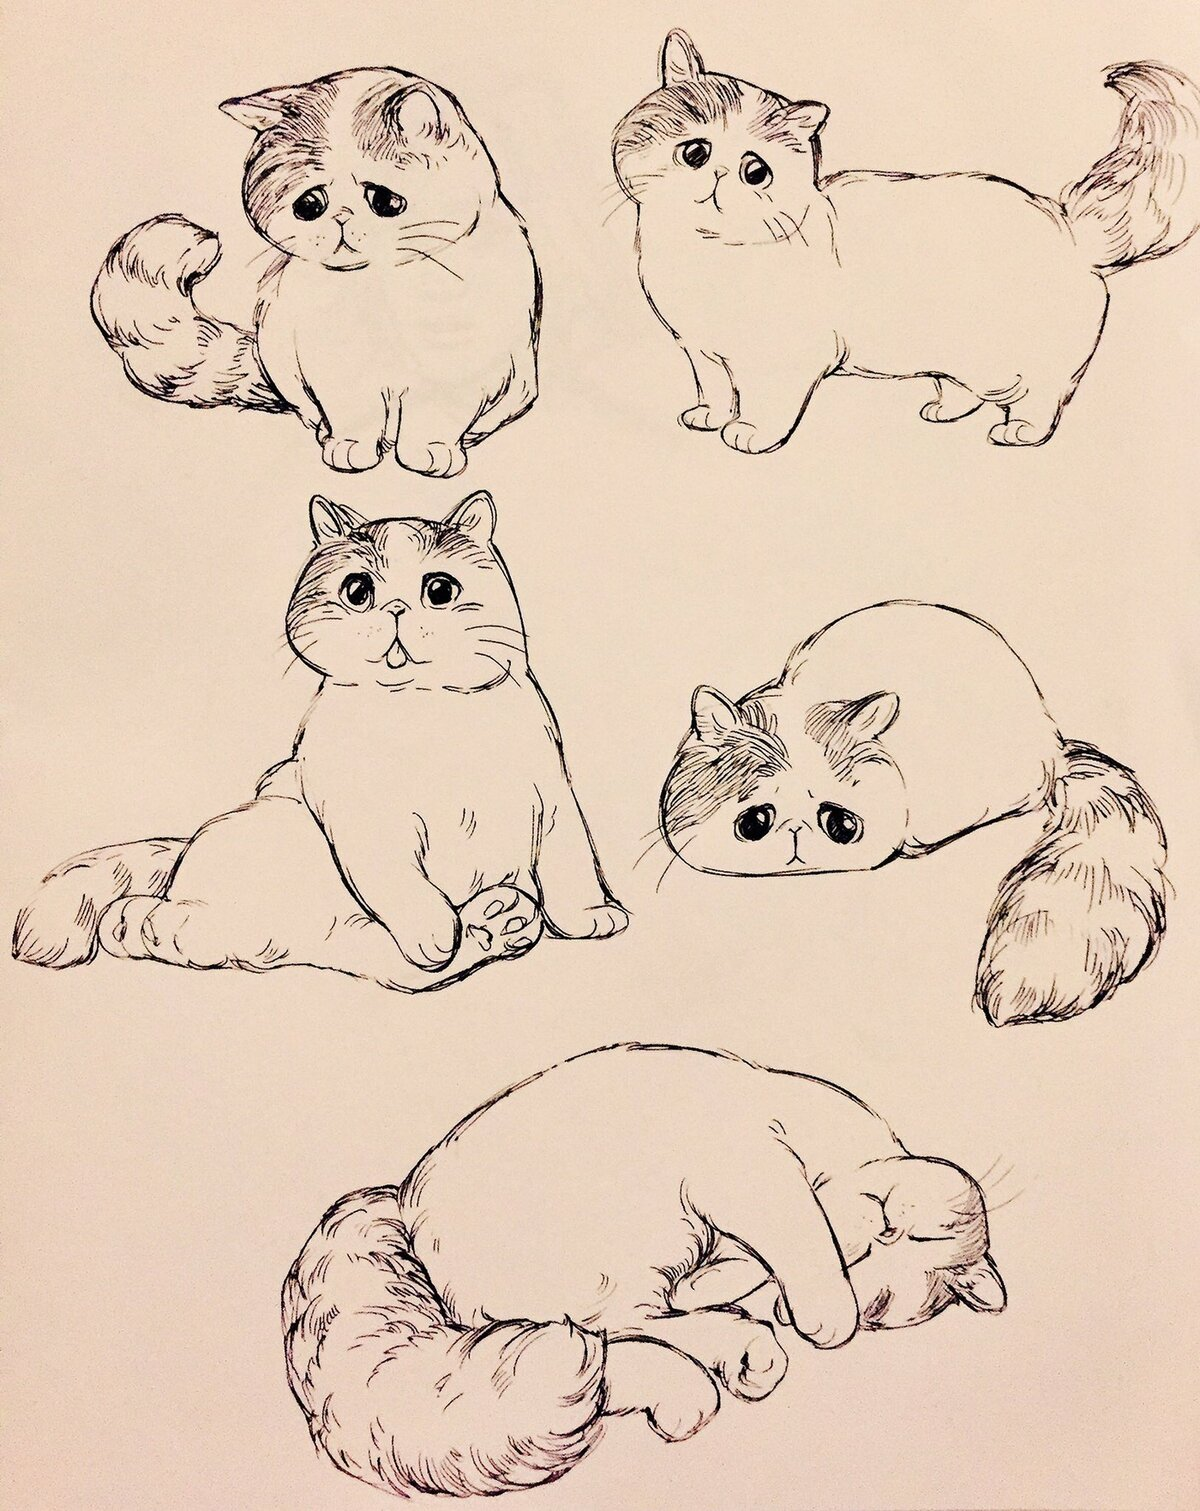 этому нарисовать смешного кота поэтапно того чтобы отдых